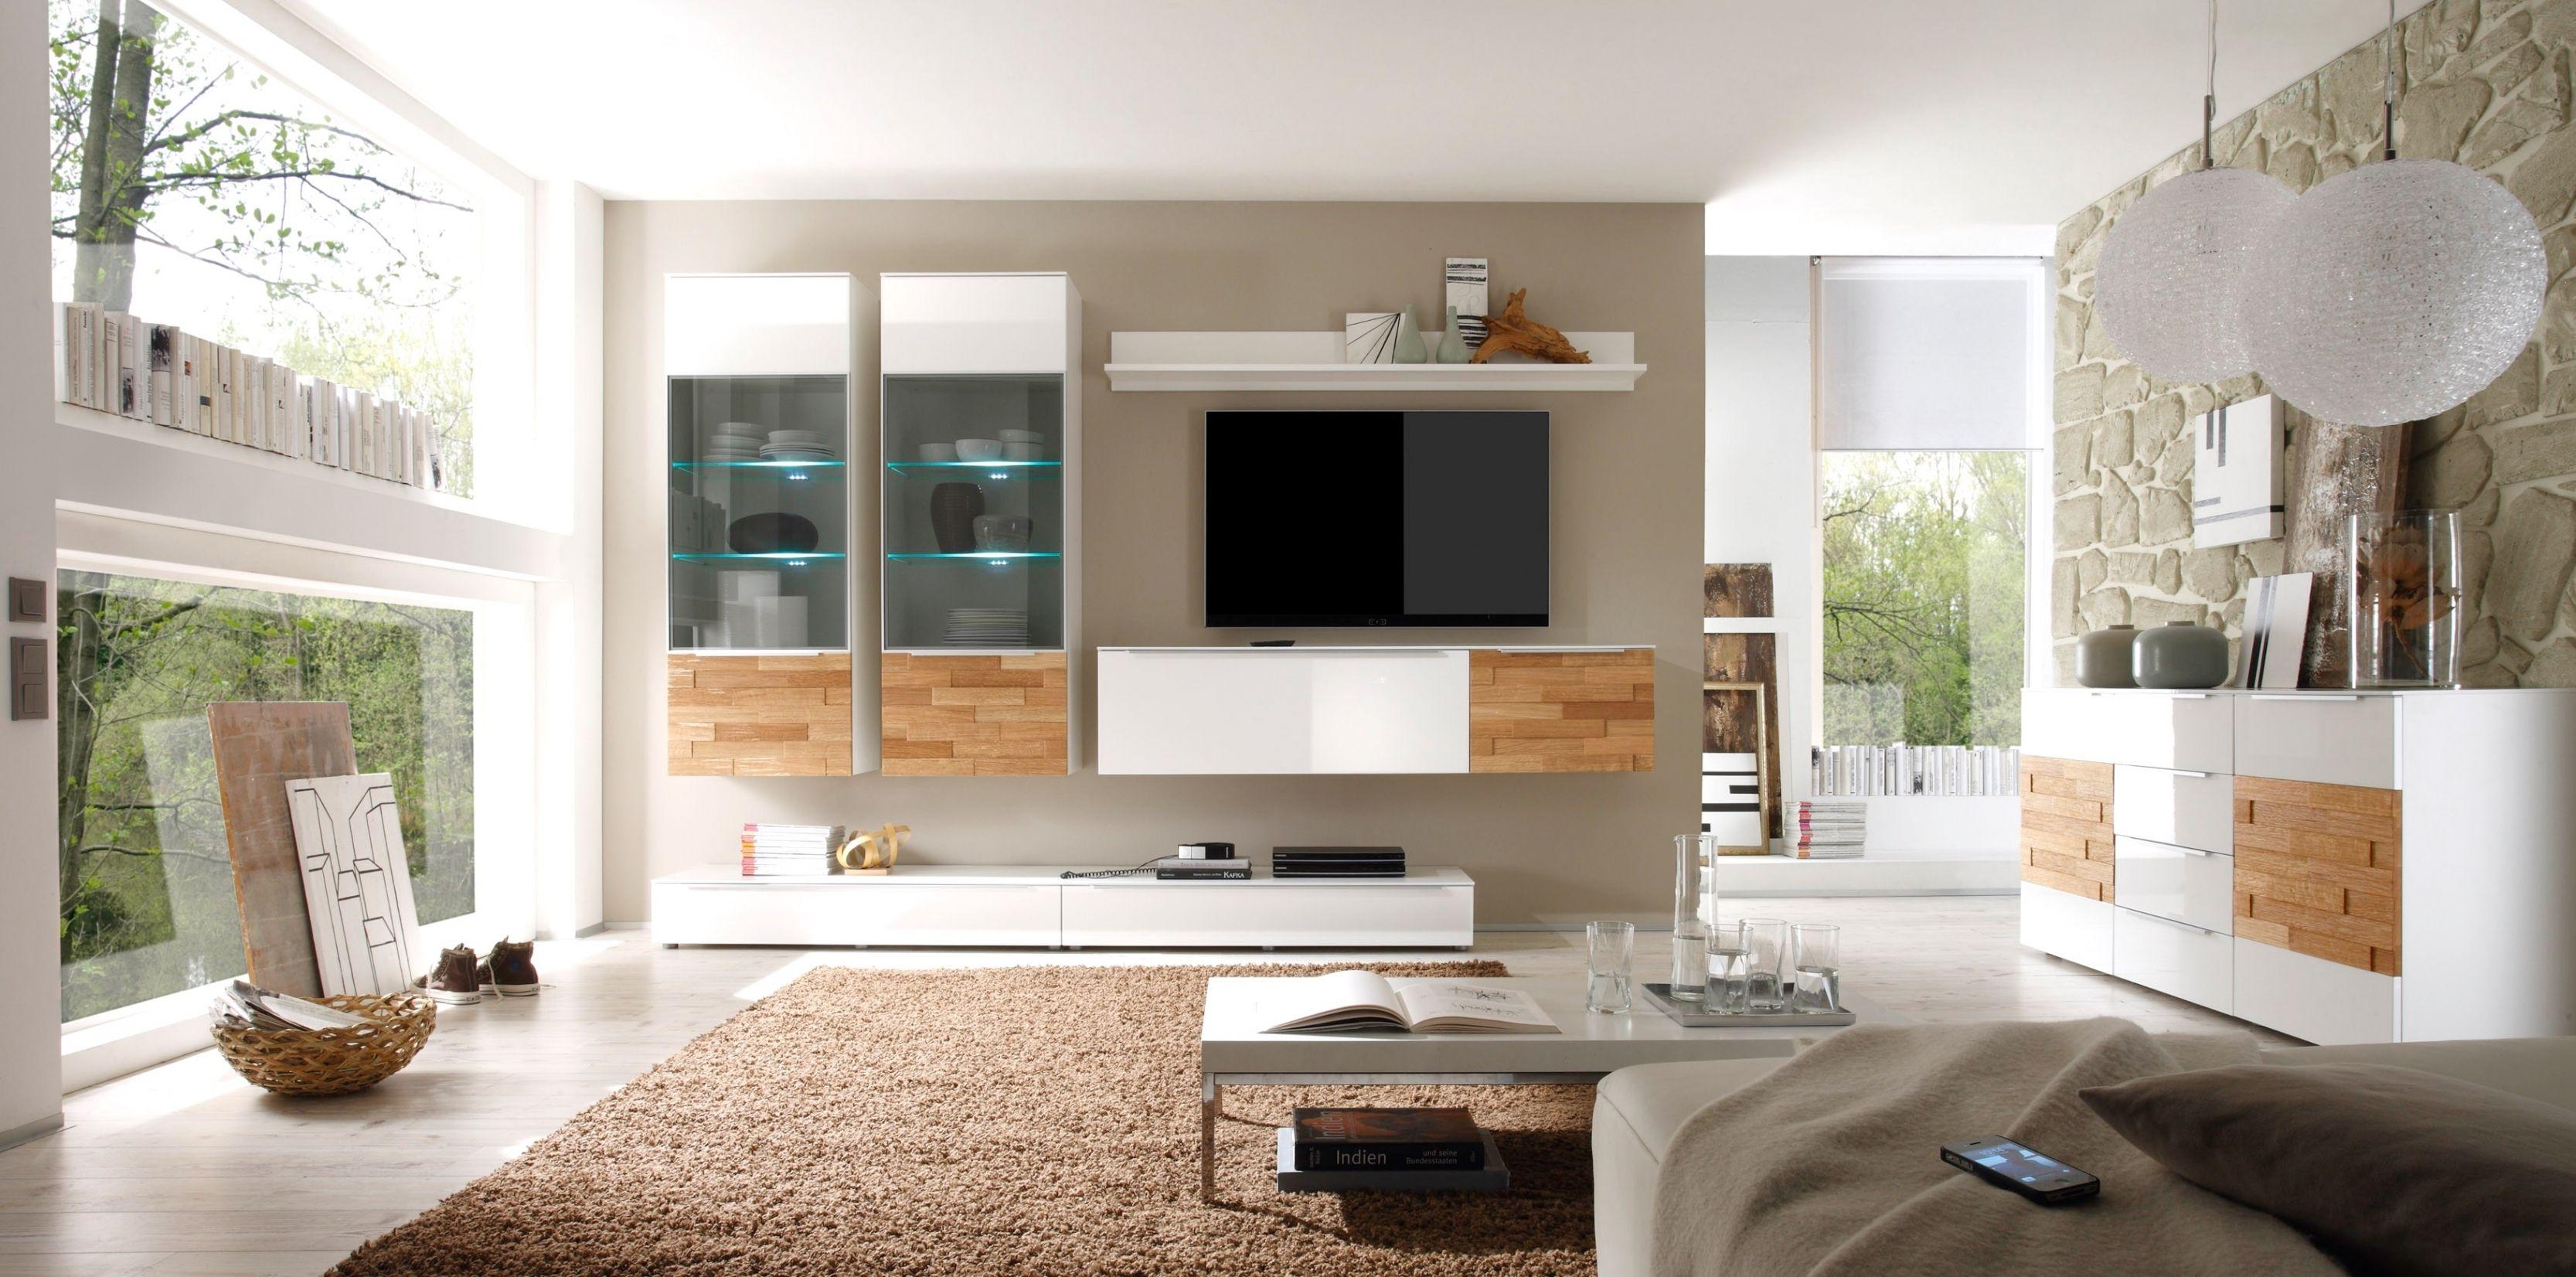 Neueste Wohnzimmer Einrichten Ideen Modern | Wohnzimmer deko | Pinterest